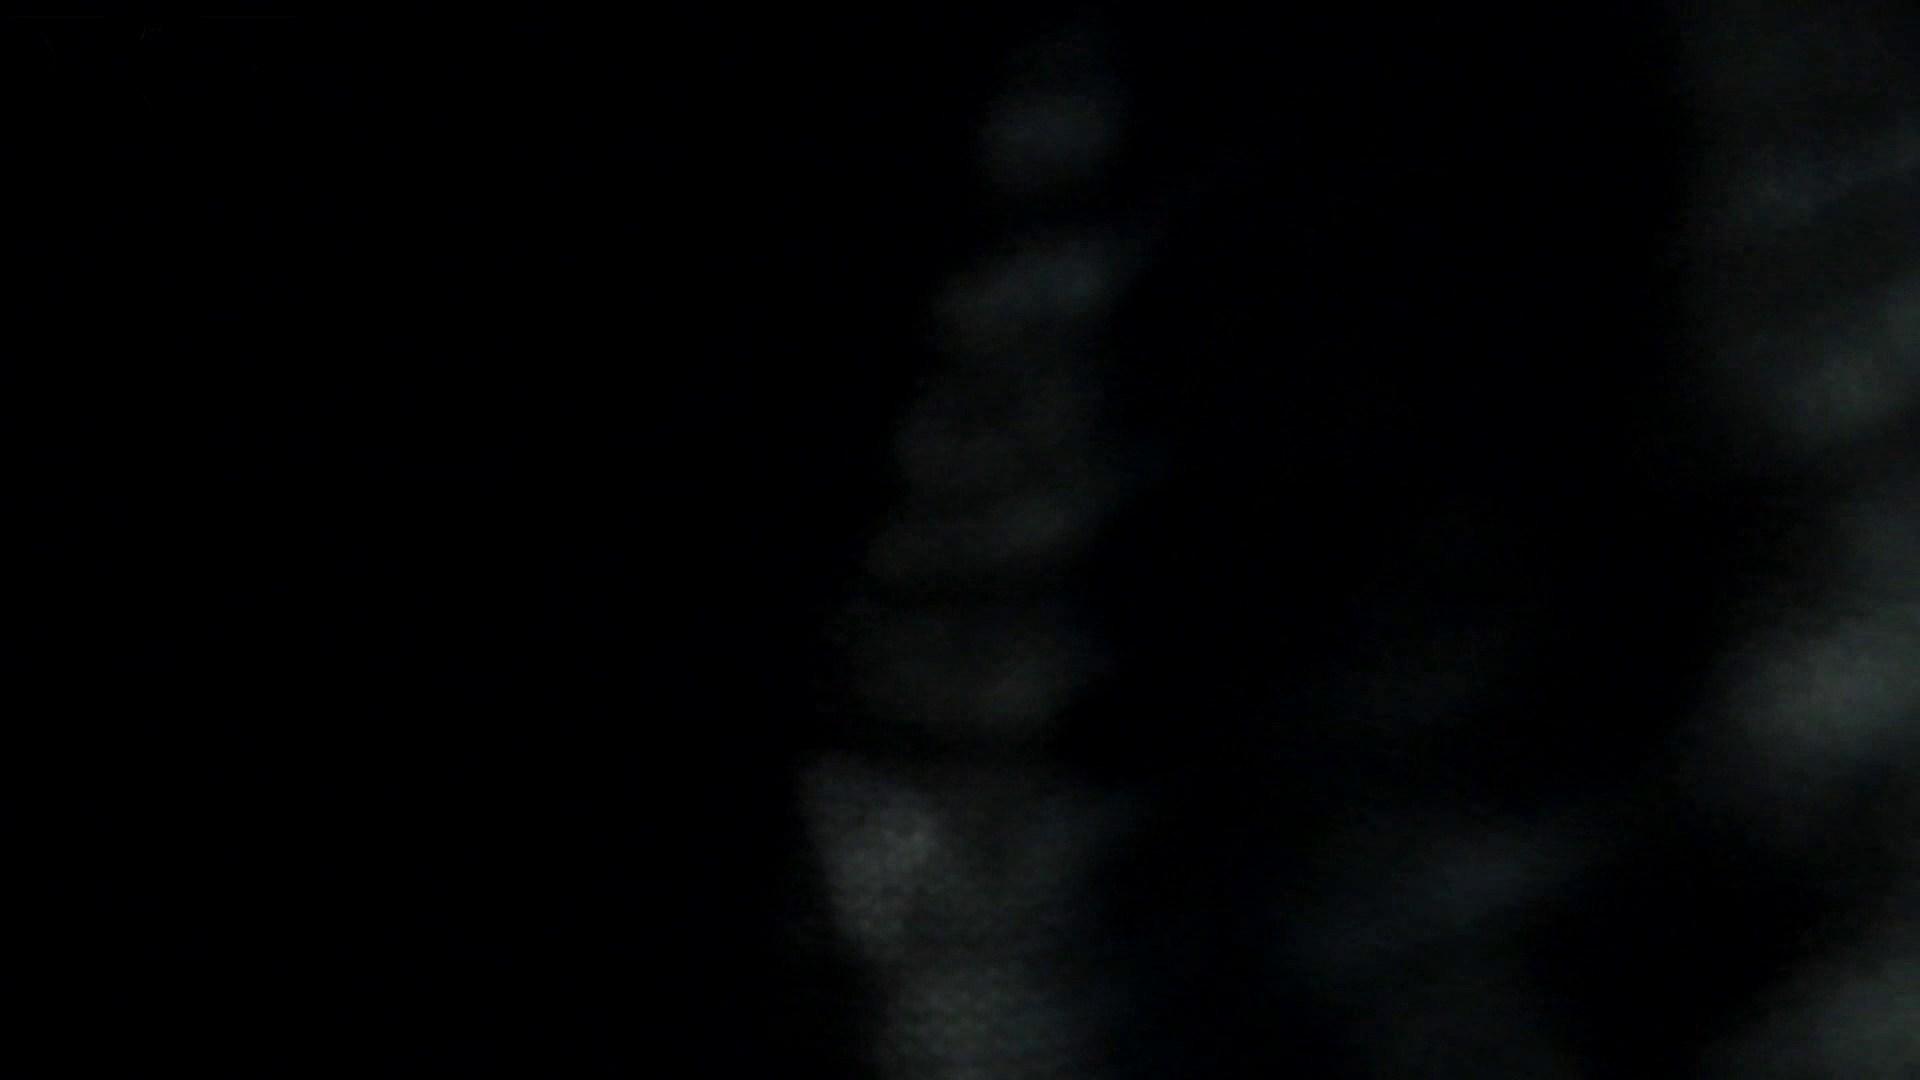 ステーション編 vol.28 無料動画に登場したモデルつい本番登場!! 洗面所のぞき AV動画キャプチャ 99枚 34